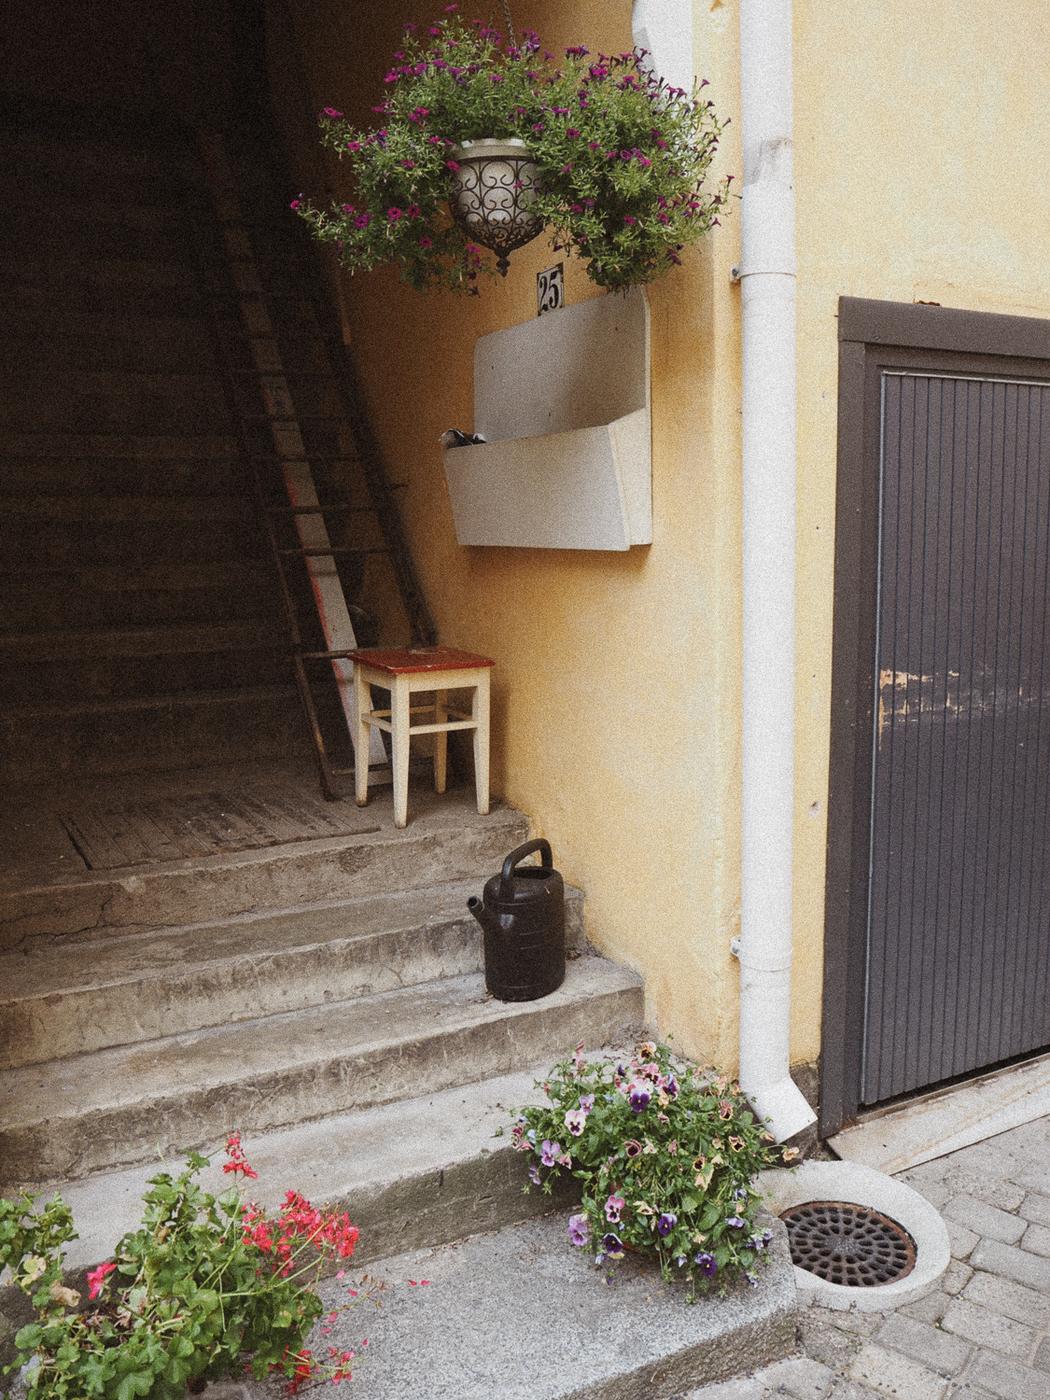 stilllifeblogi5.jpg